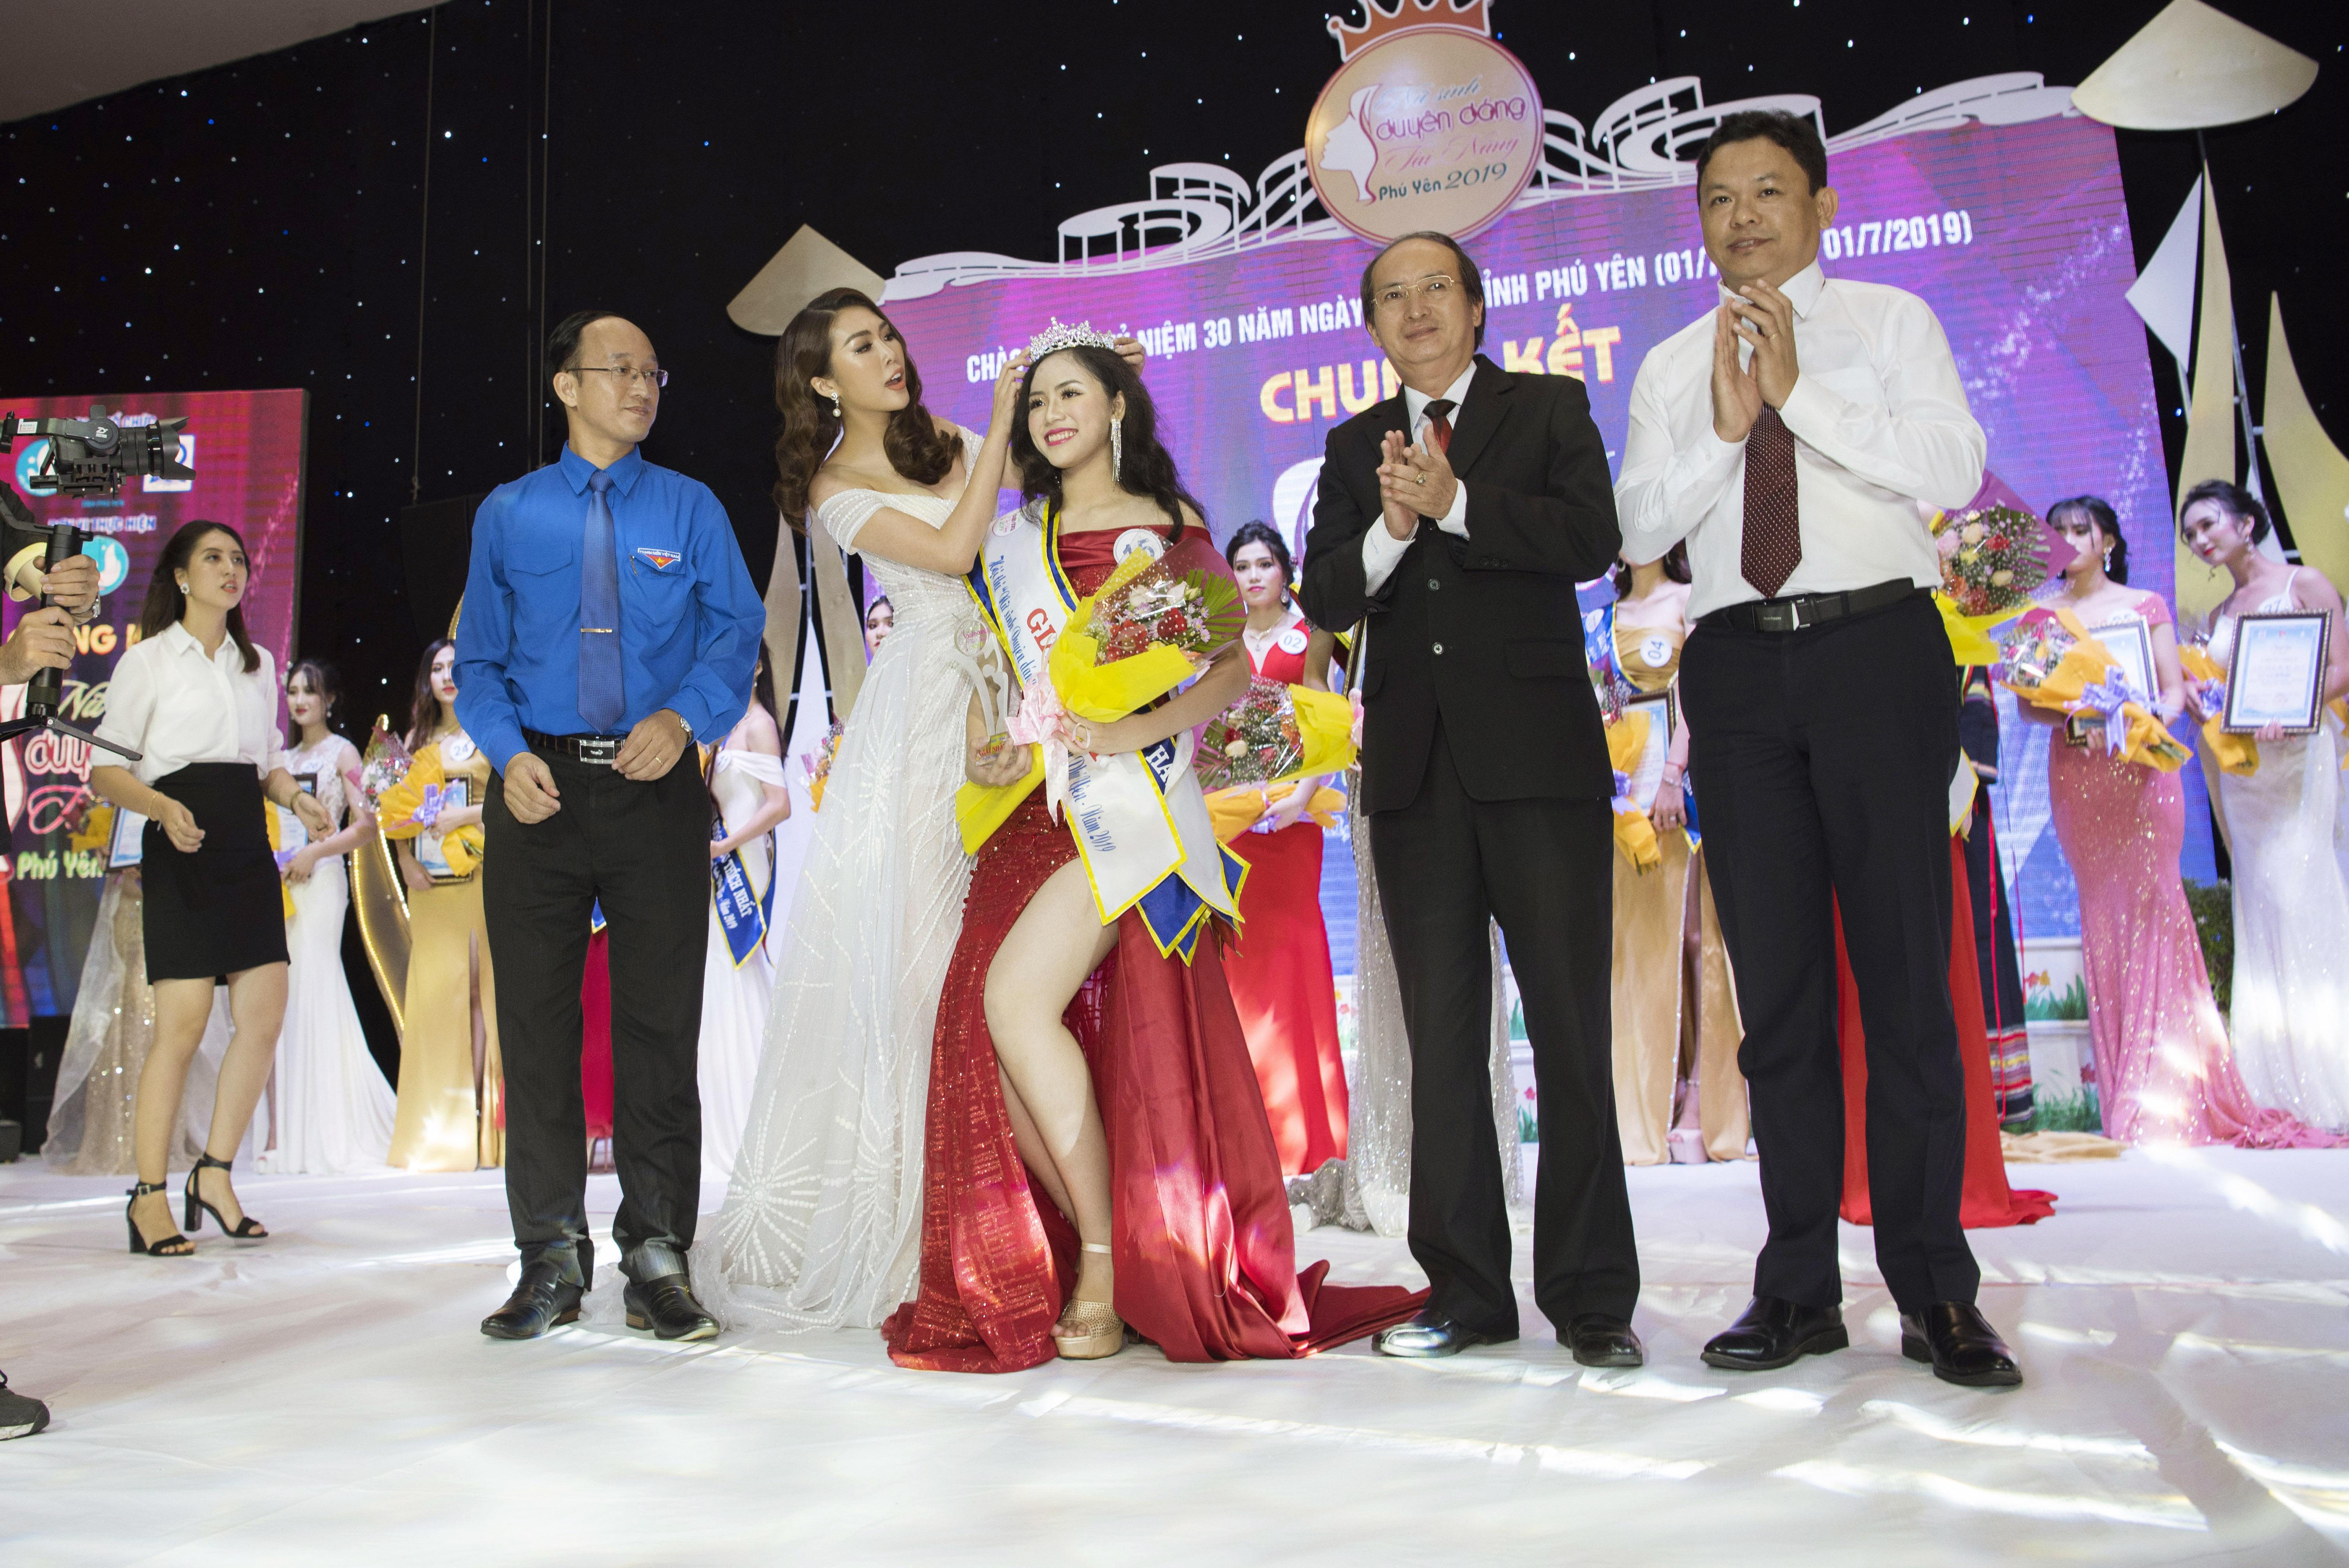 Hoa hậu Tường Linh xinh như công chúa làm giám khảo cuộc sắc đẹp tại quê nhà 7